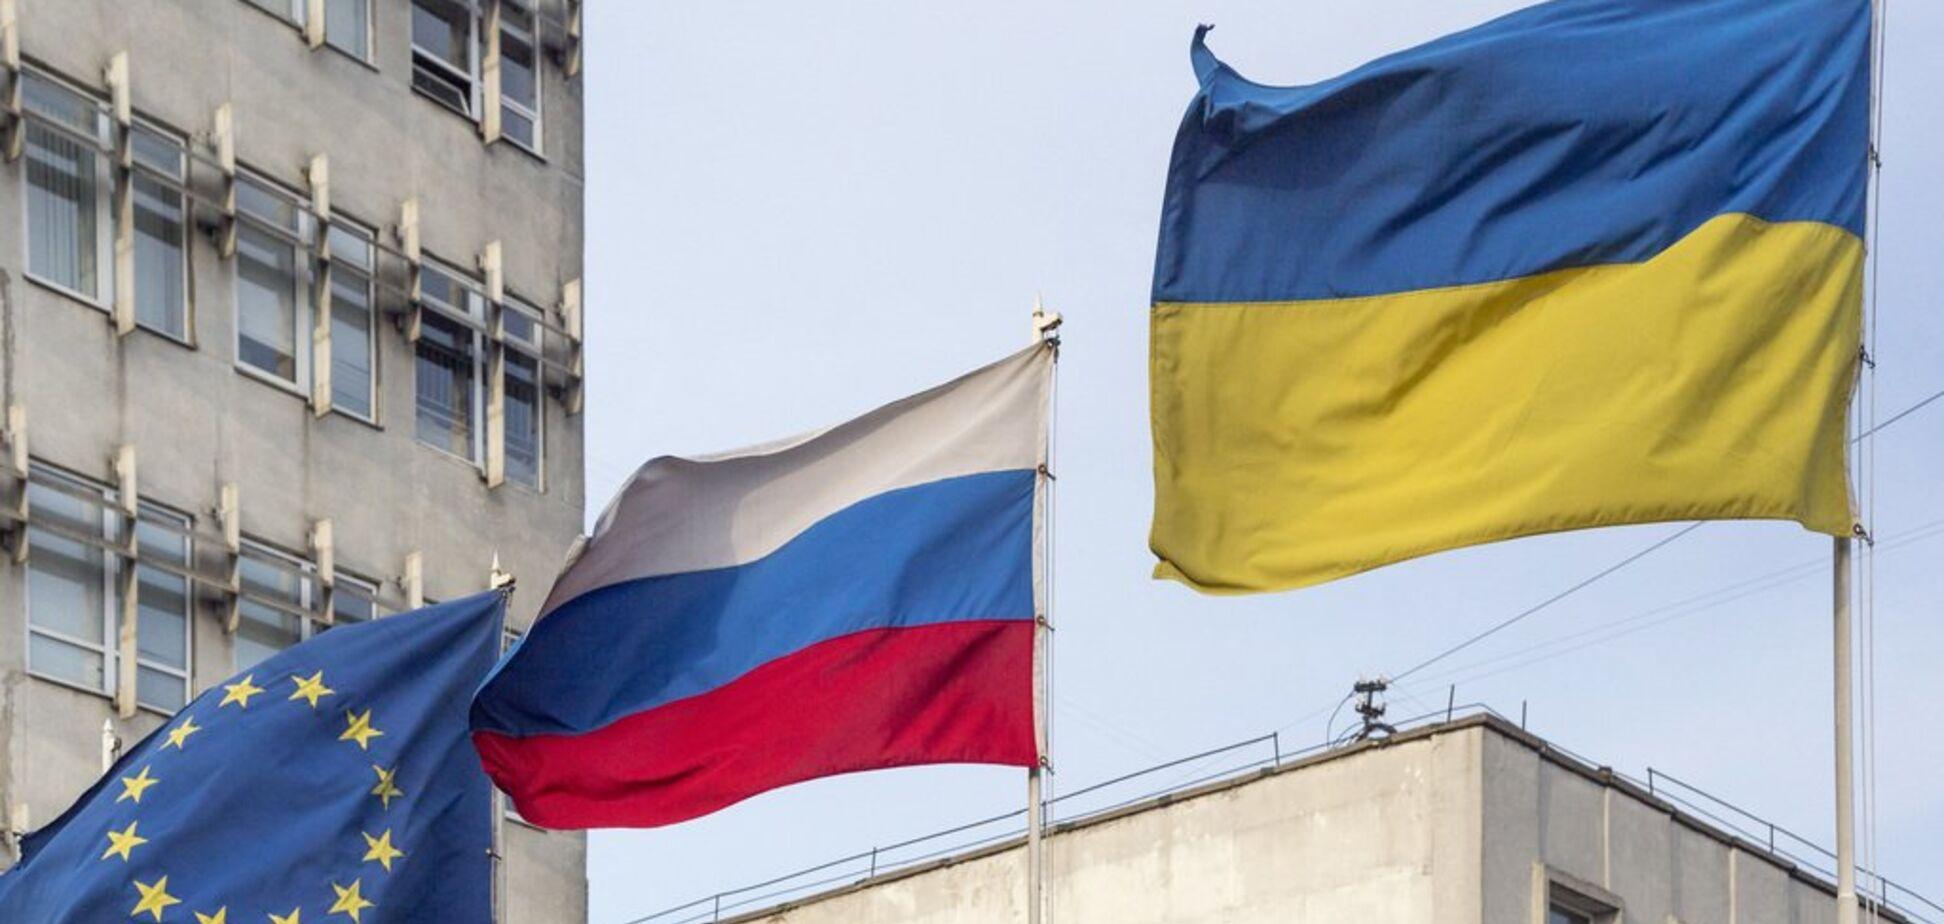 'Україну треба поважати': у Європі жорстко розкритикували газопровід Путіна